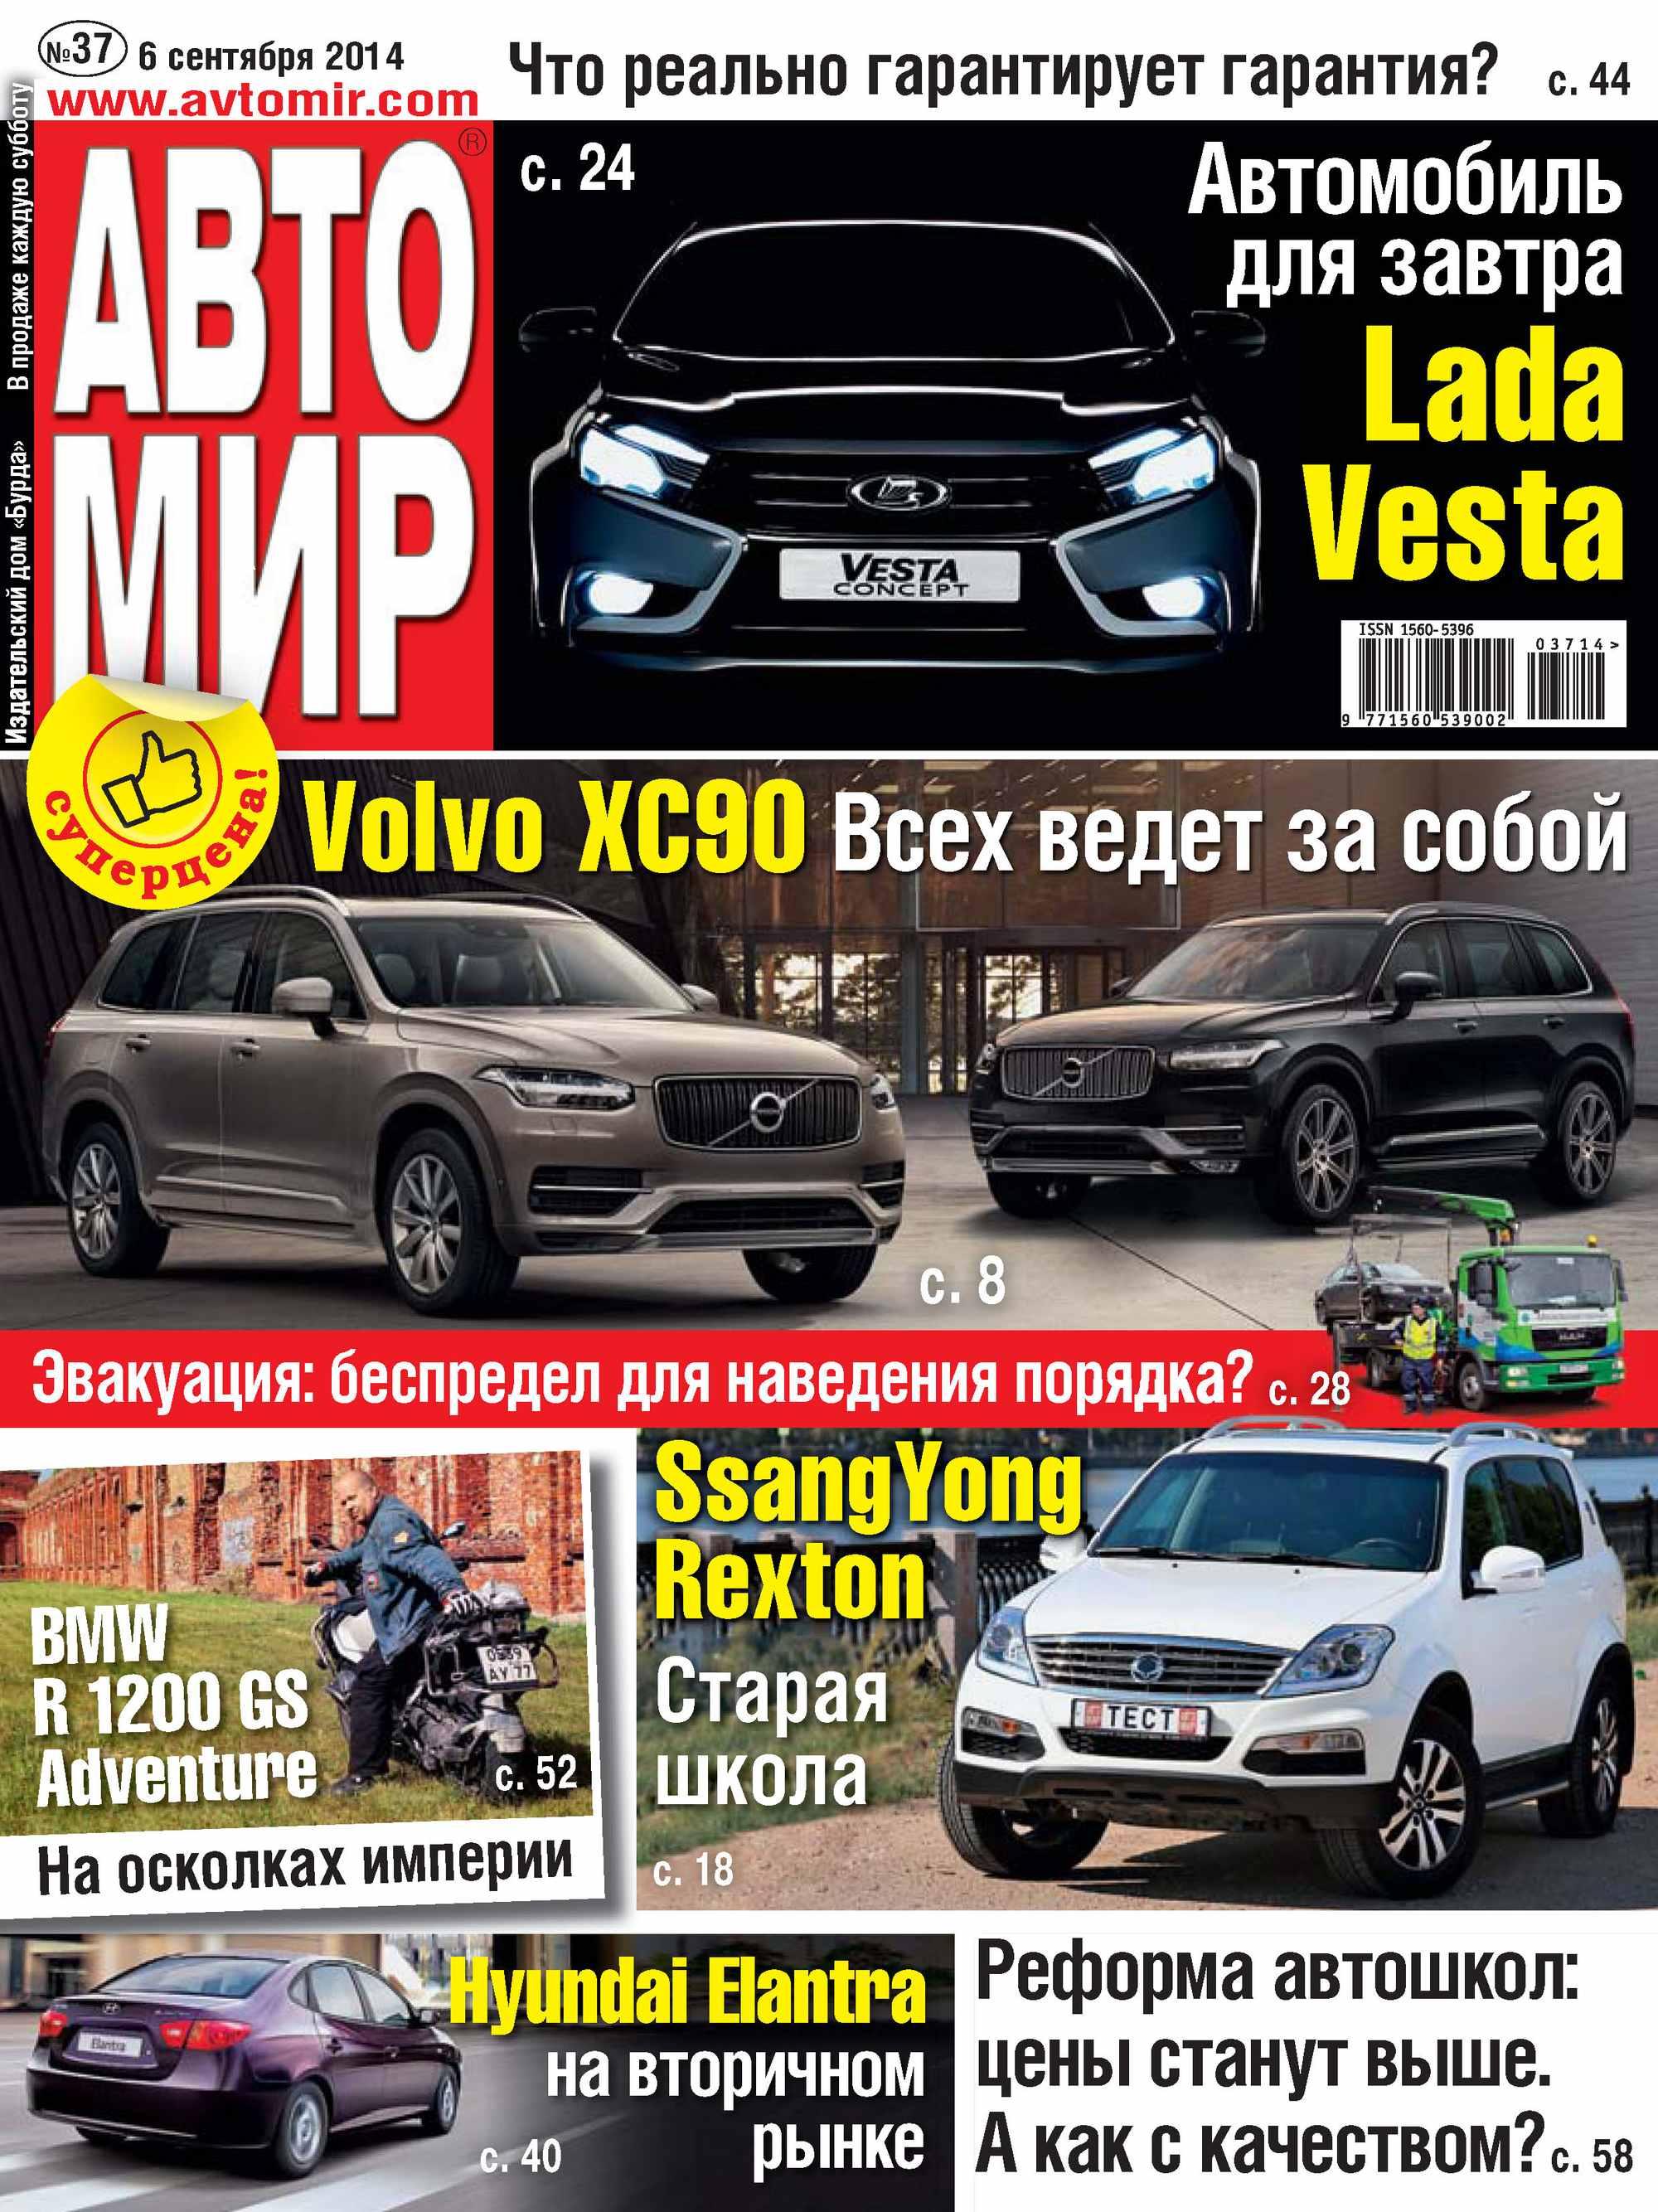 ИД «Бурда» АвтоМир №37/2014 ид бурда автомир 35 2014